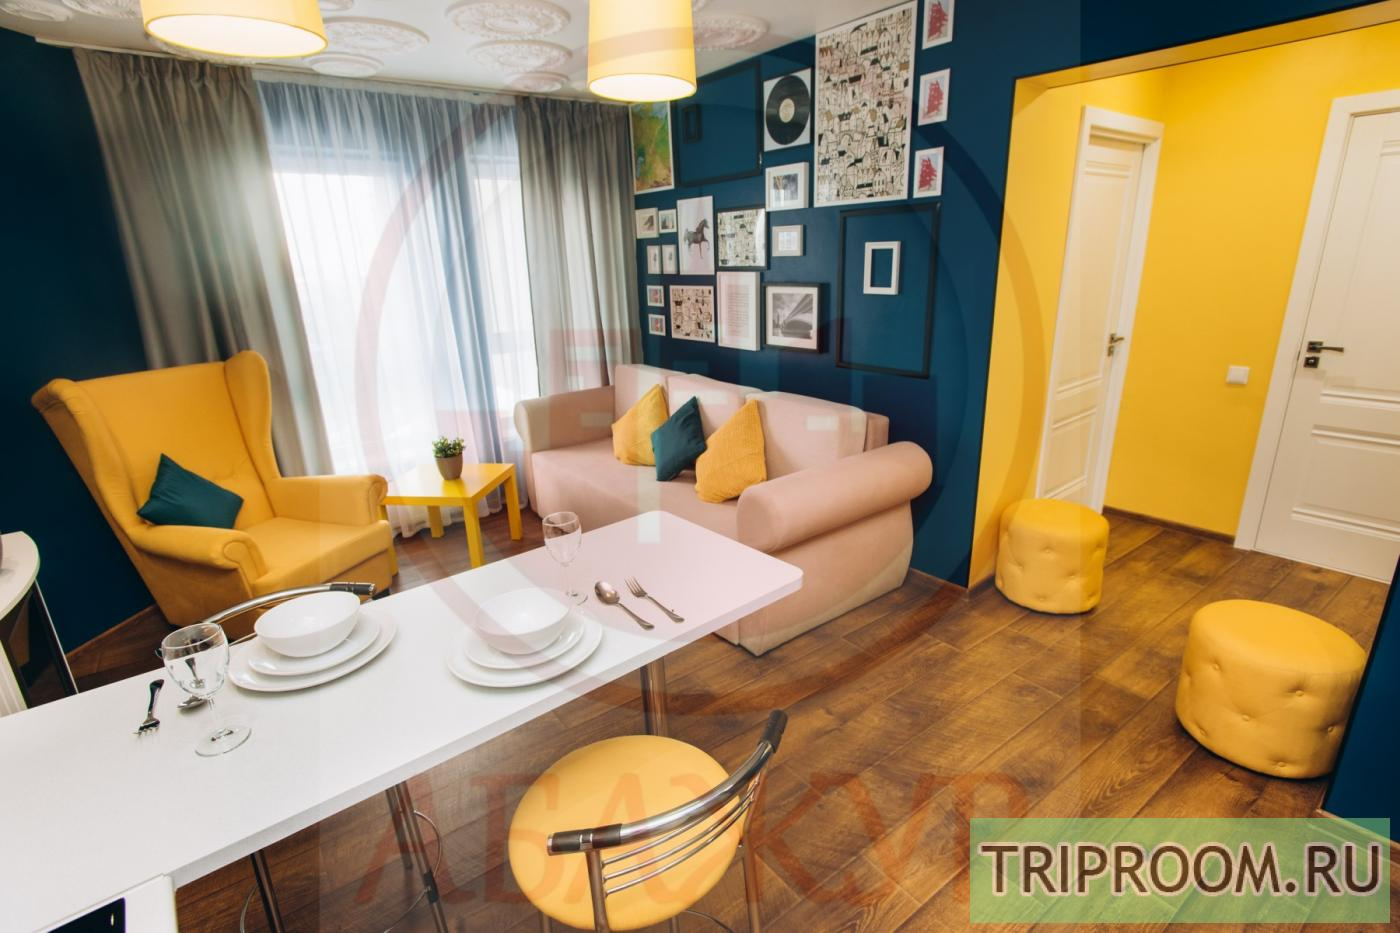 2-комнатная квартира посуточно (вариант № 23816), ул. Юмашева улица, фото № 21